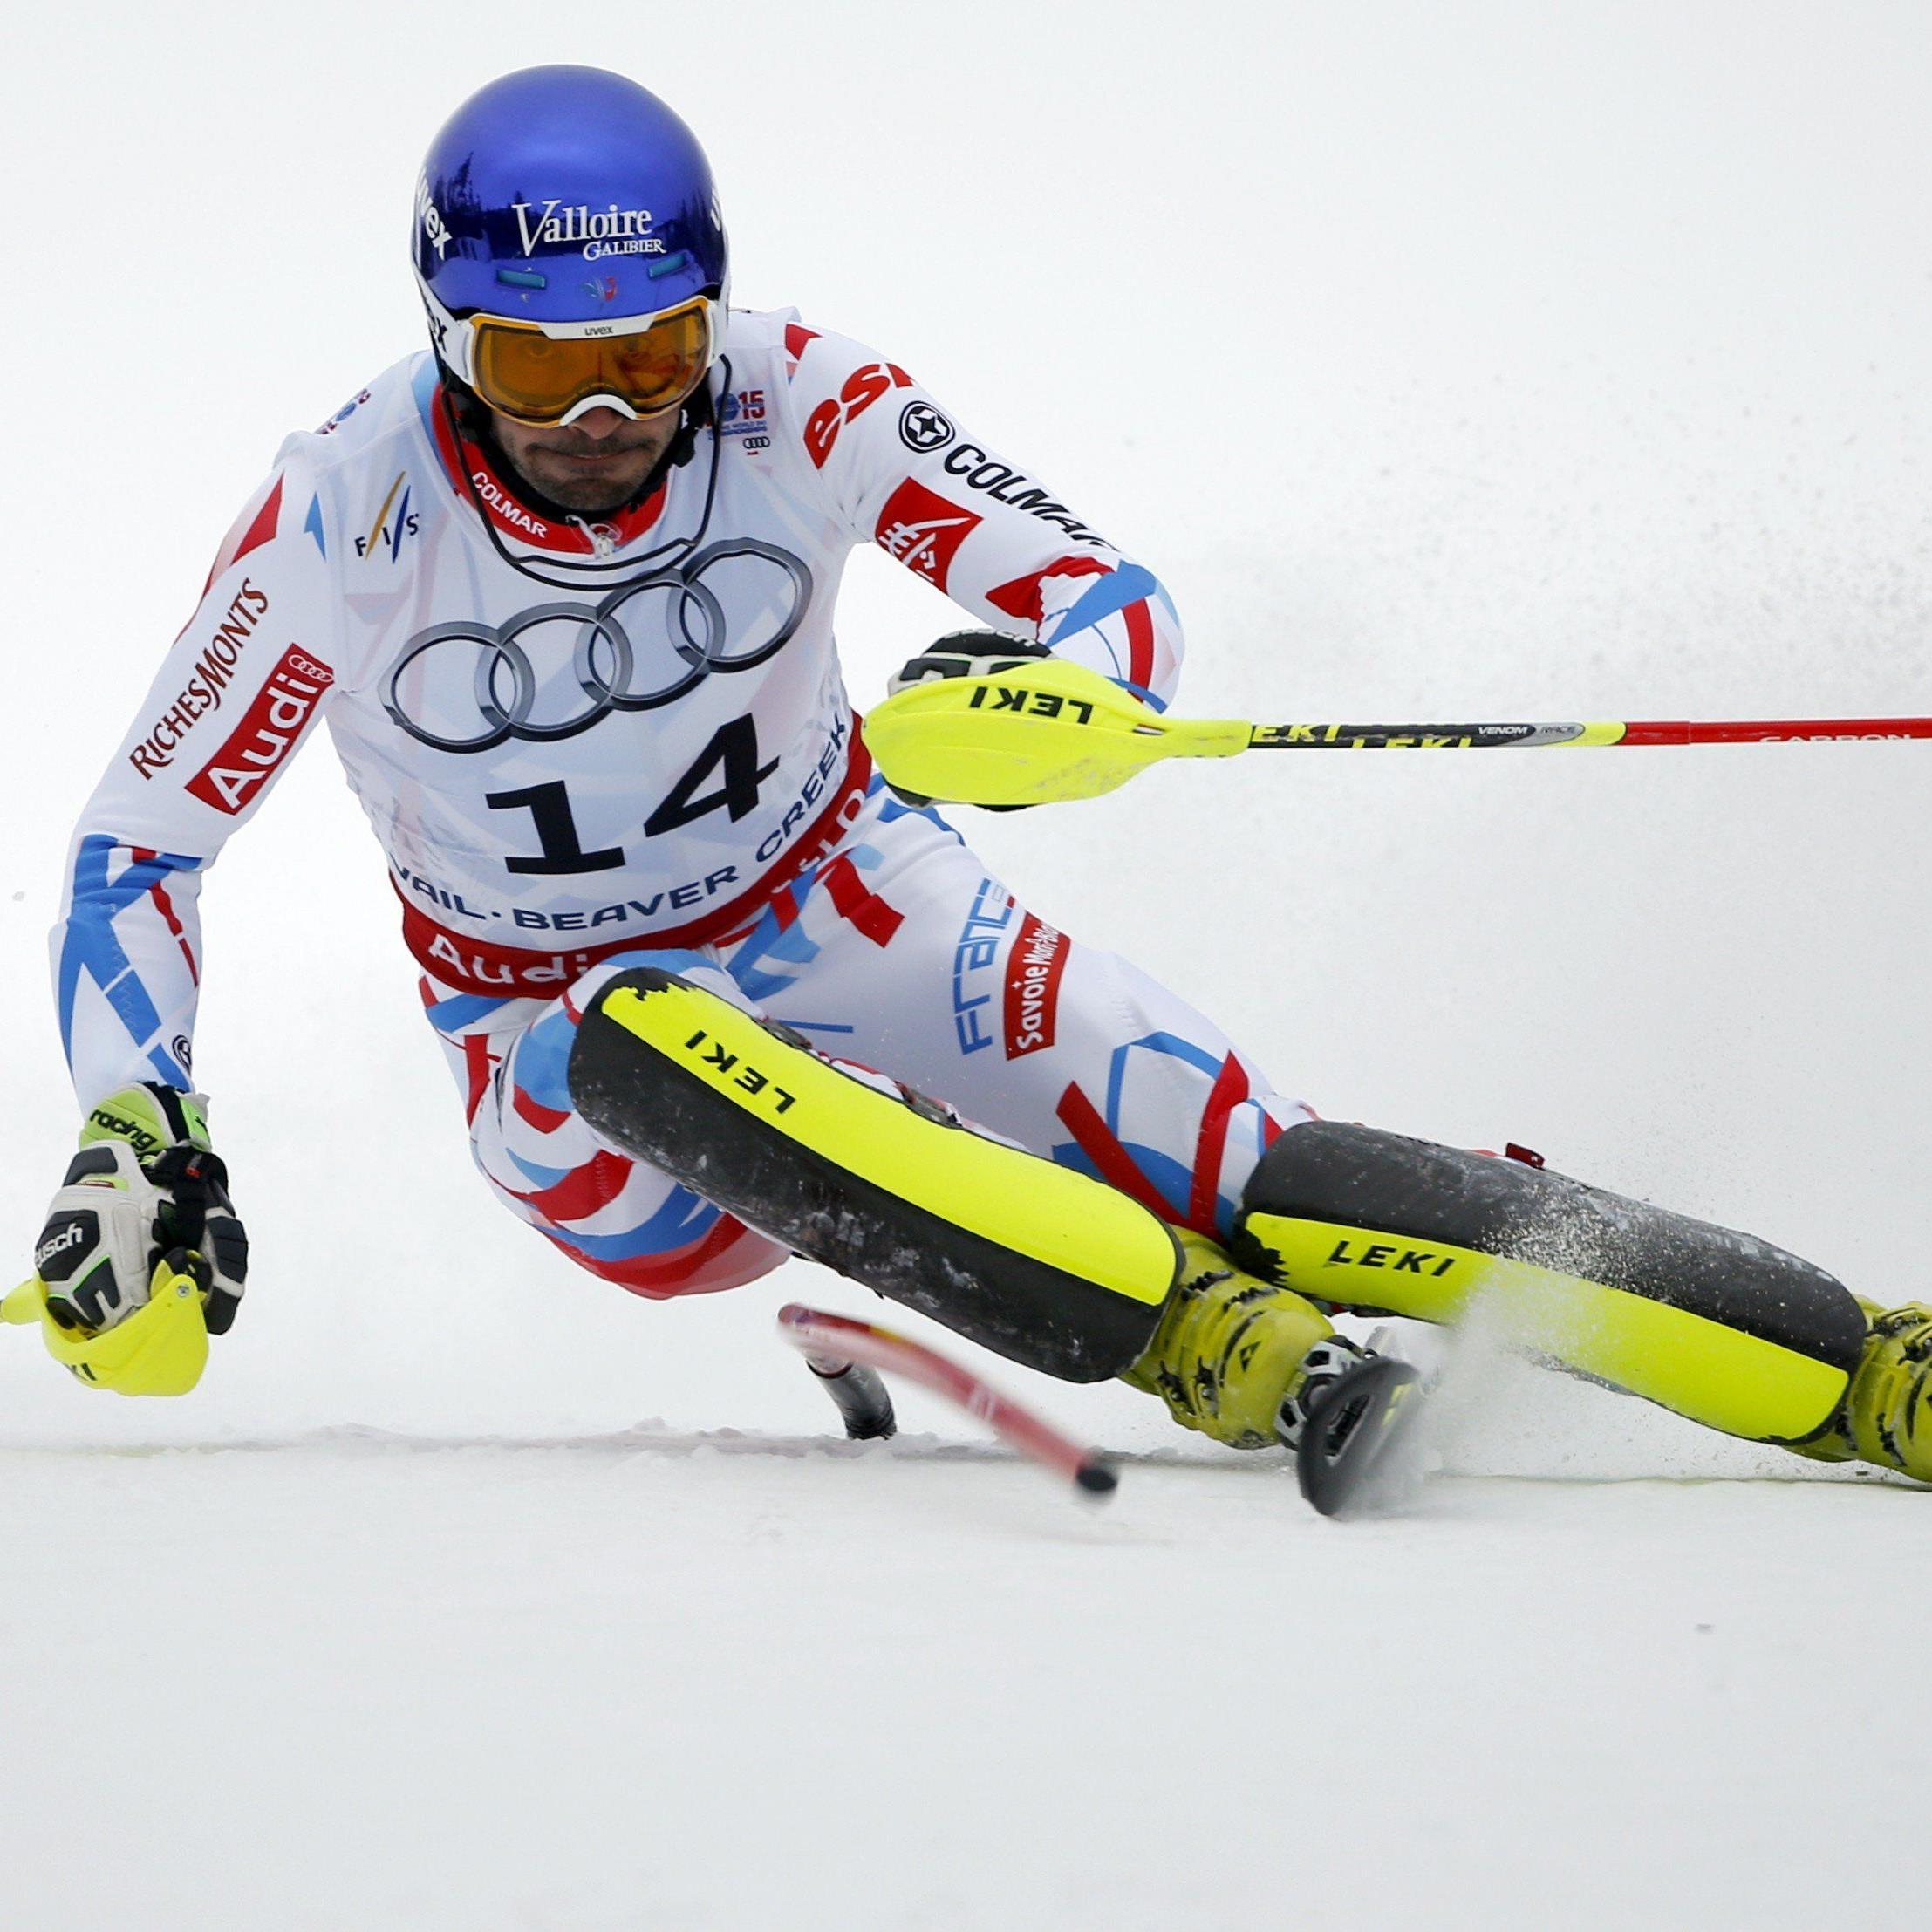 Der Franzose Grange holte sich den Titel im WM-Slalom.